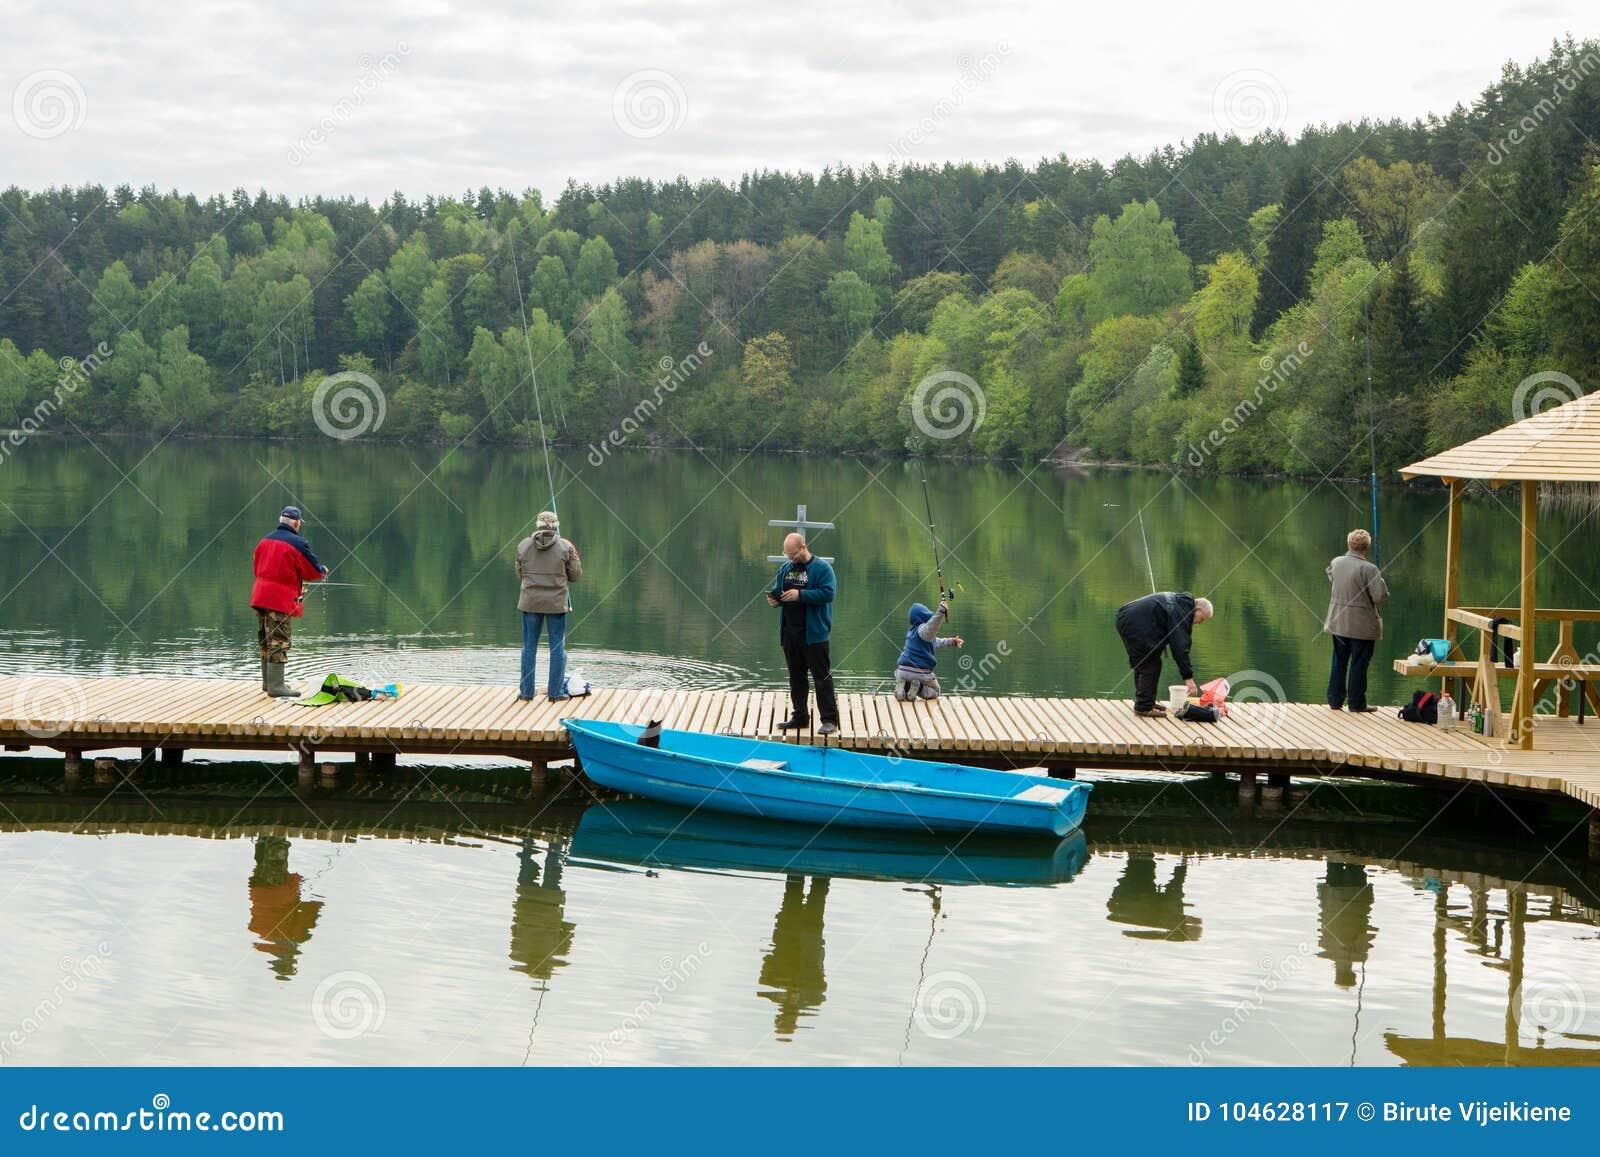 Download De Vissers Vissen Op Zalieji Ezerai Redactionele Fotografie - Afbeelding bestaande uit vilnius, leisure: 104628117